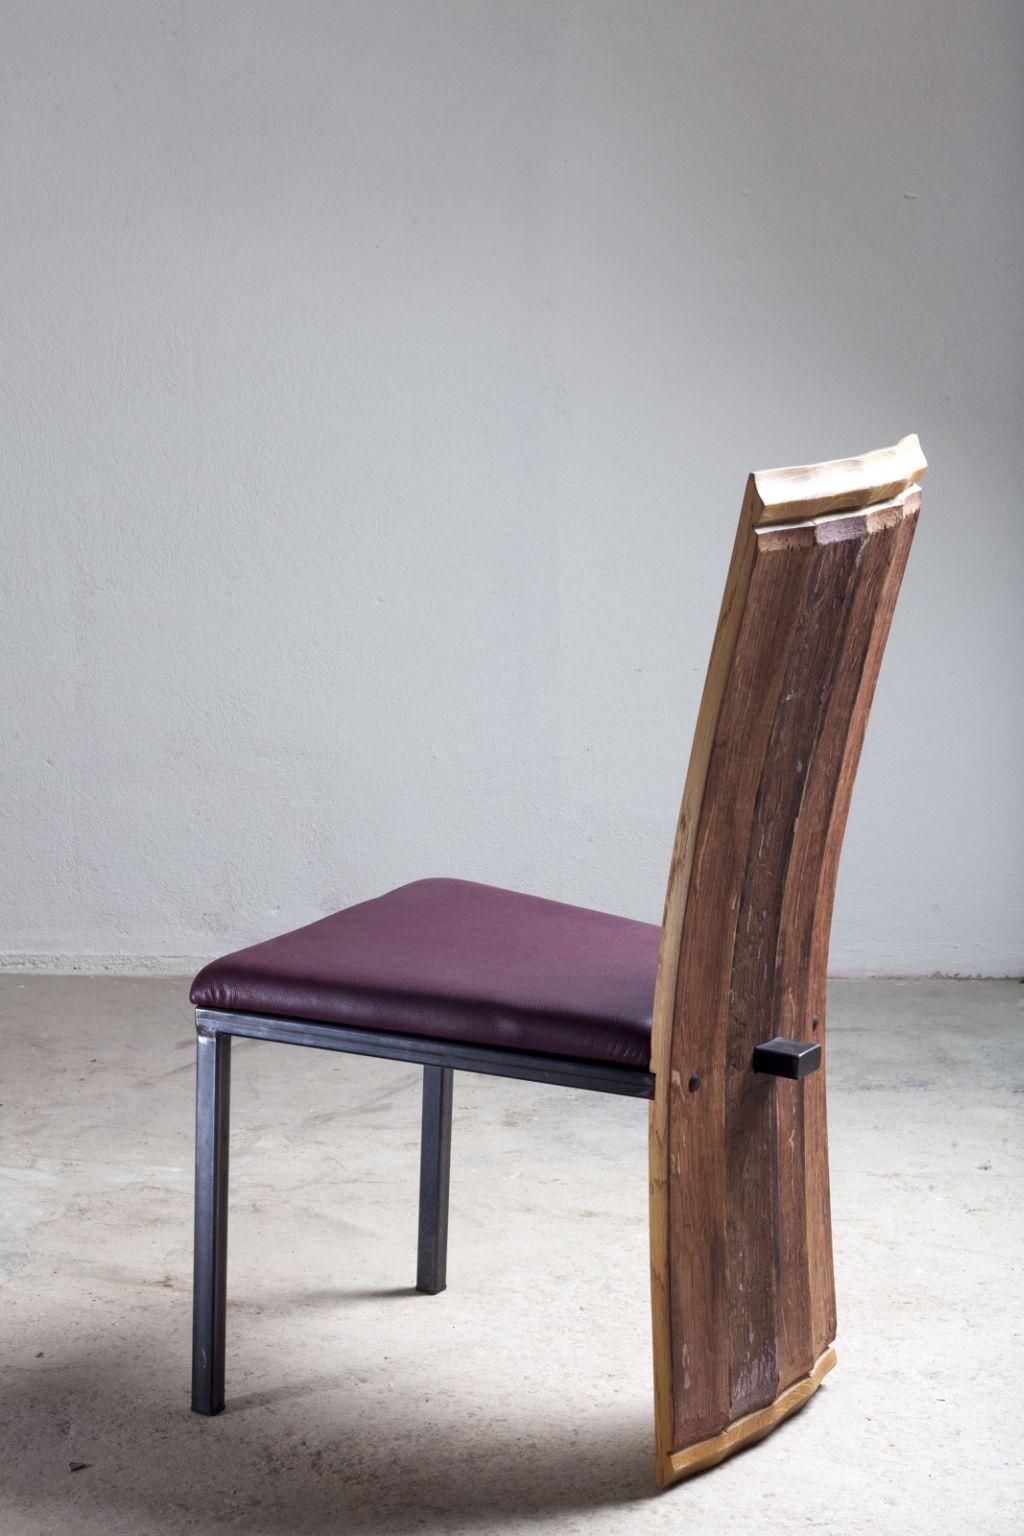 stuhl mit hoher lehne mit lehne fotos das wirklich. Black Bedroom Furniture Sets. Home Design Ideas